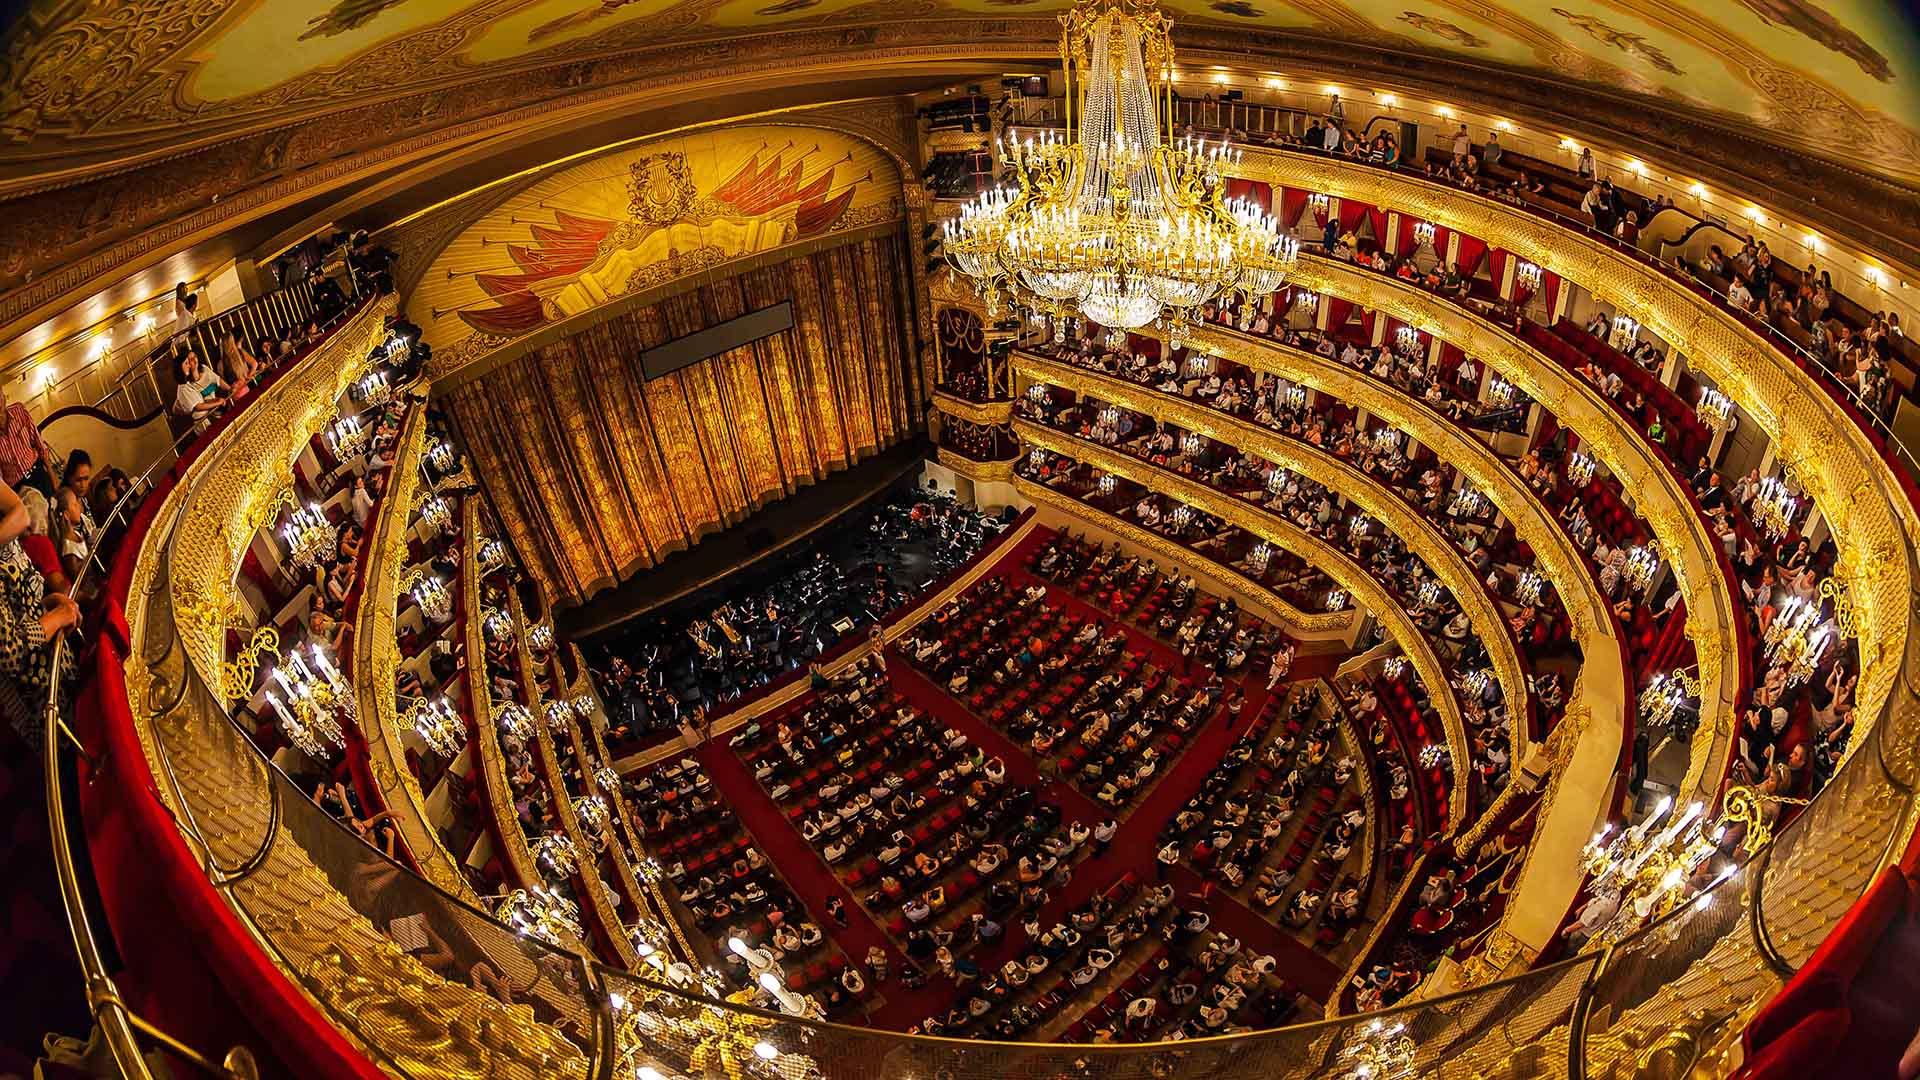 внешний вид картинки большой театр оперы и балета в москве болаша?та жал?ыз